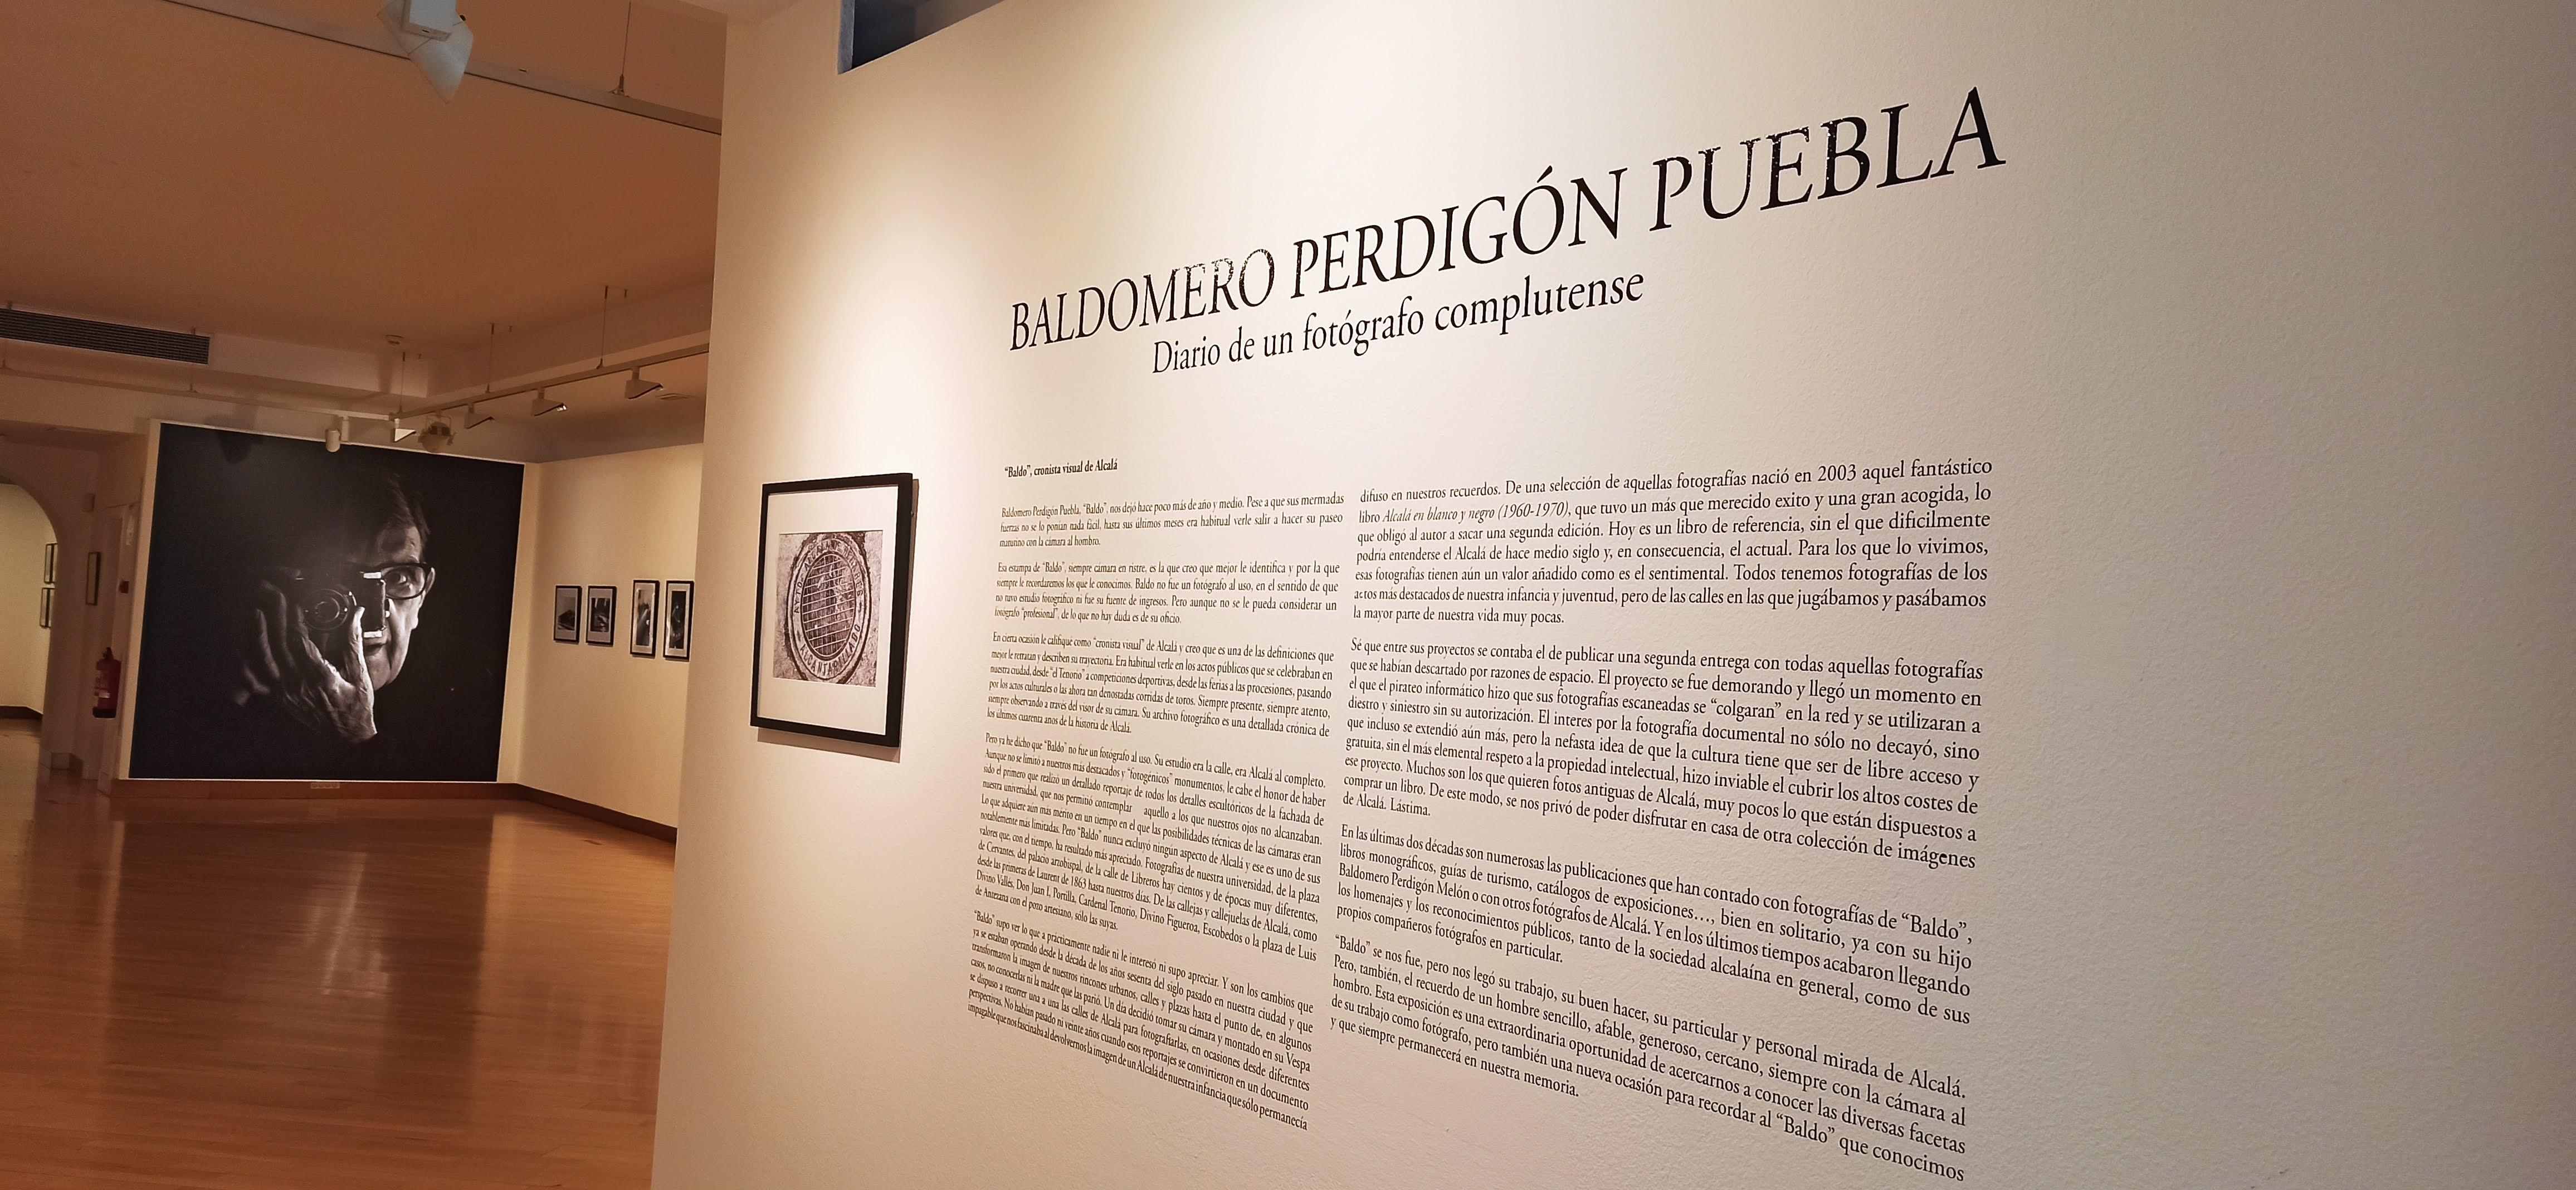 baldomero_perdigon_puebla_exposicion (9)